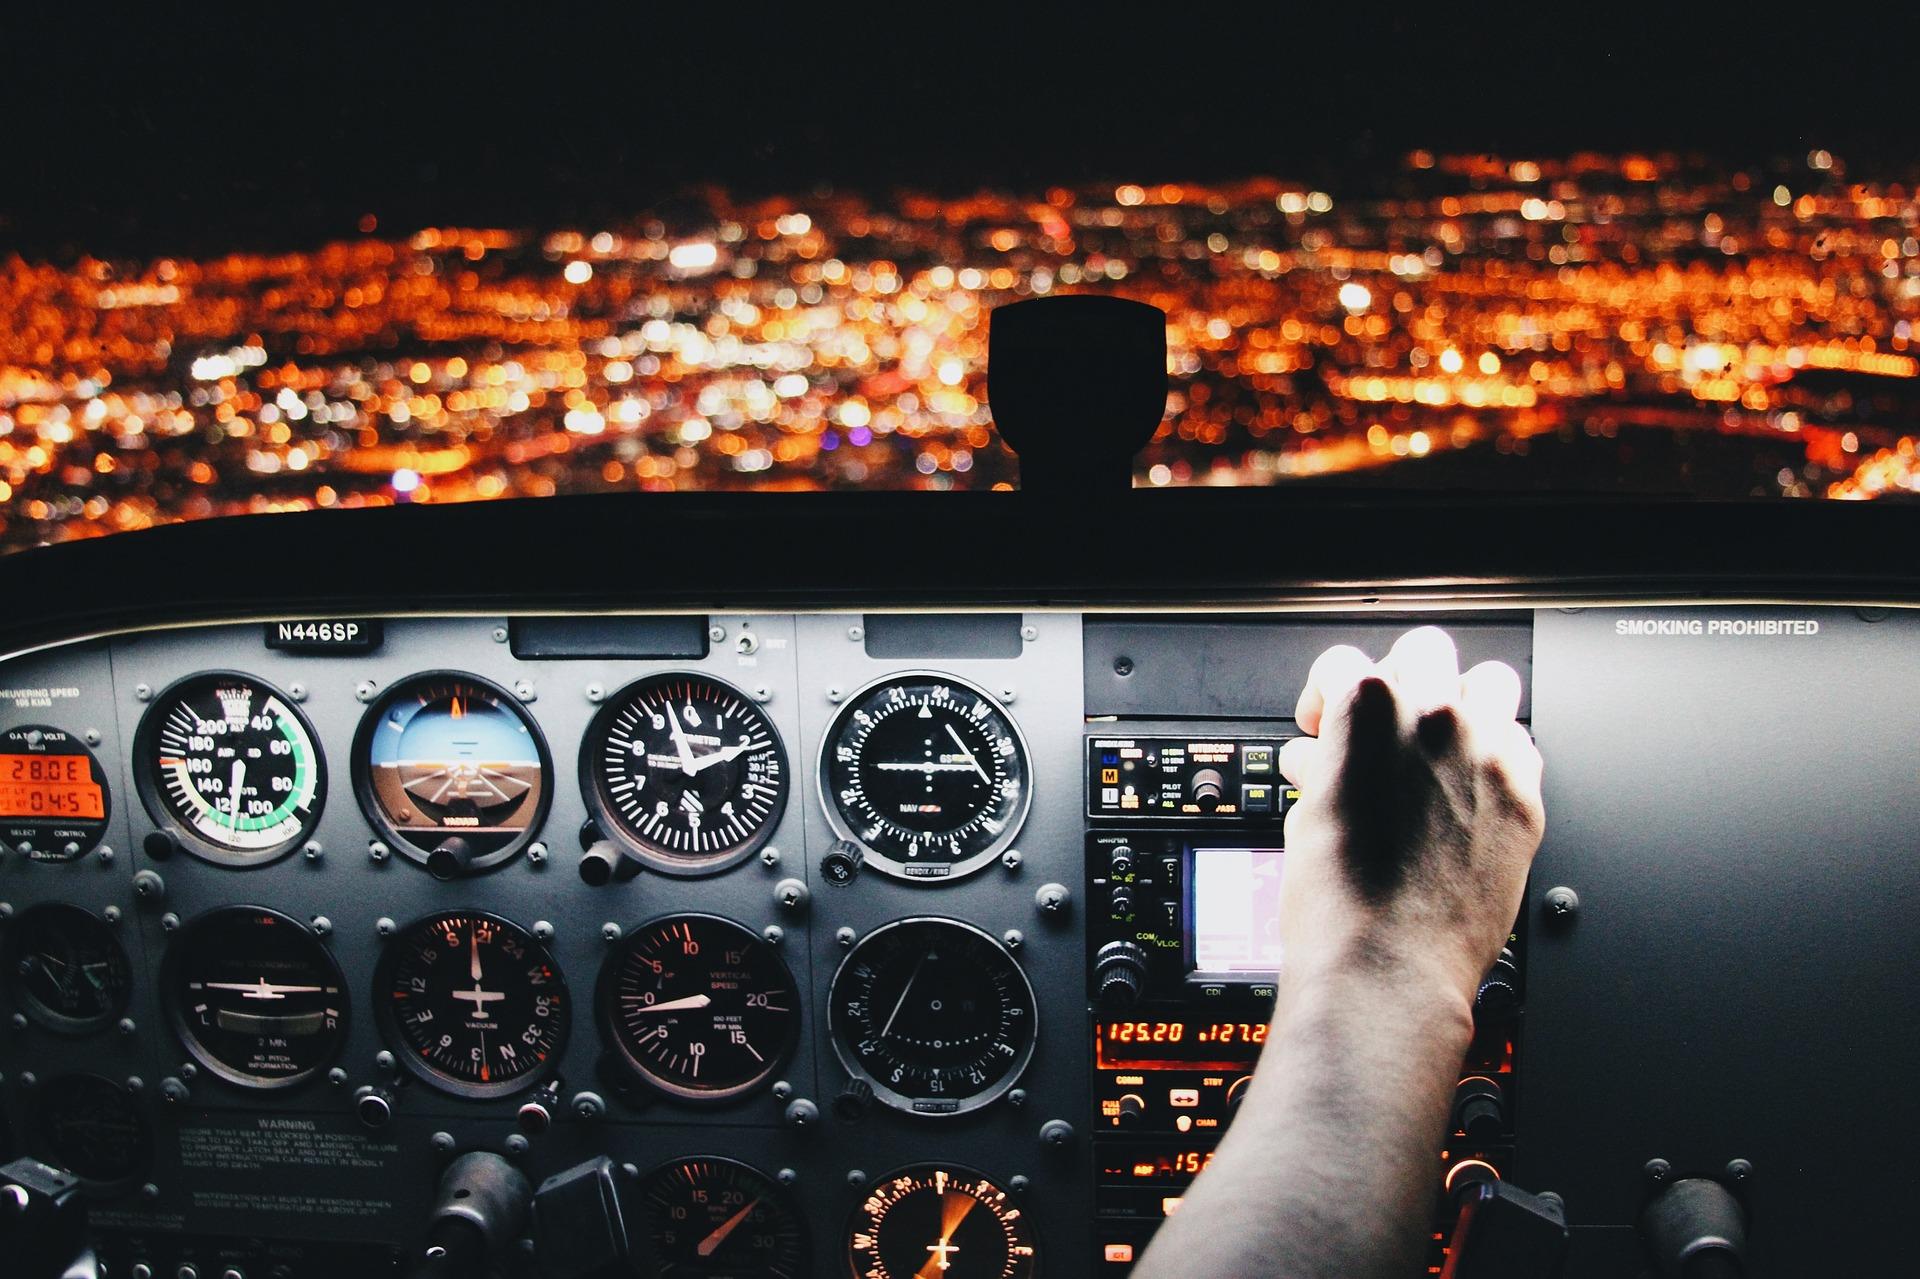 Flugvermittlung im Internet - mit kopierten Daten